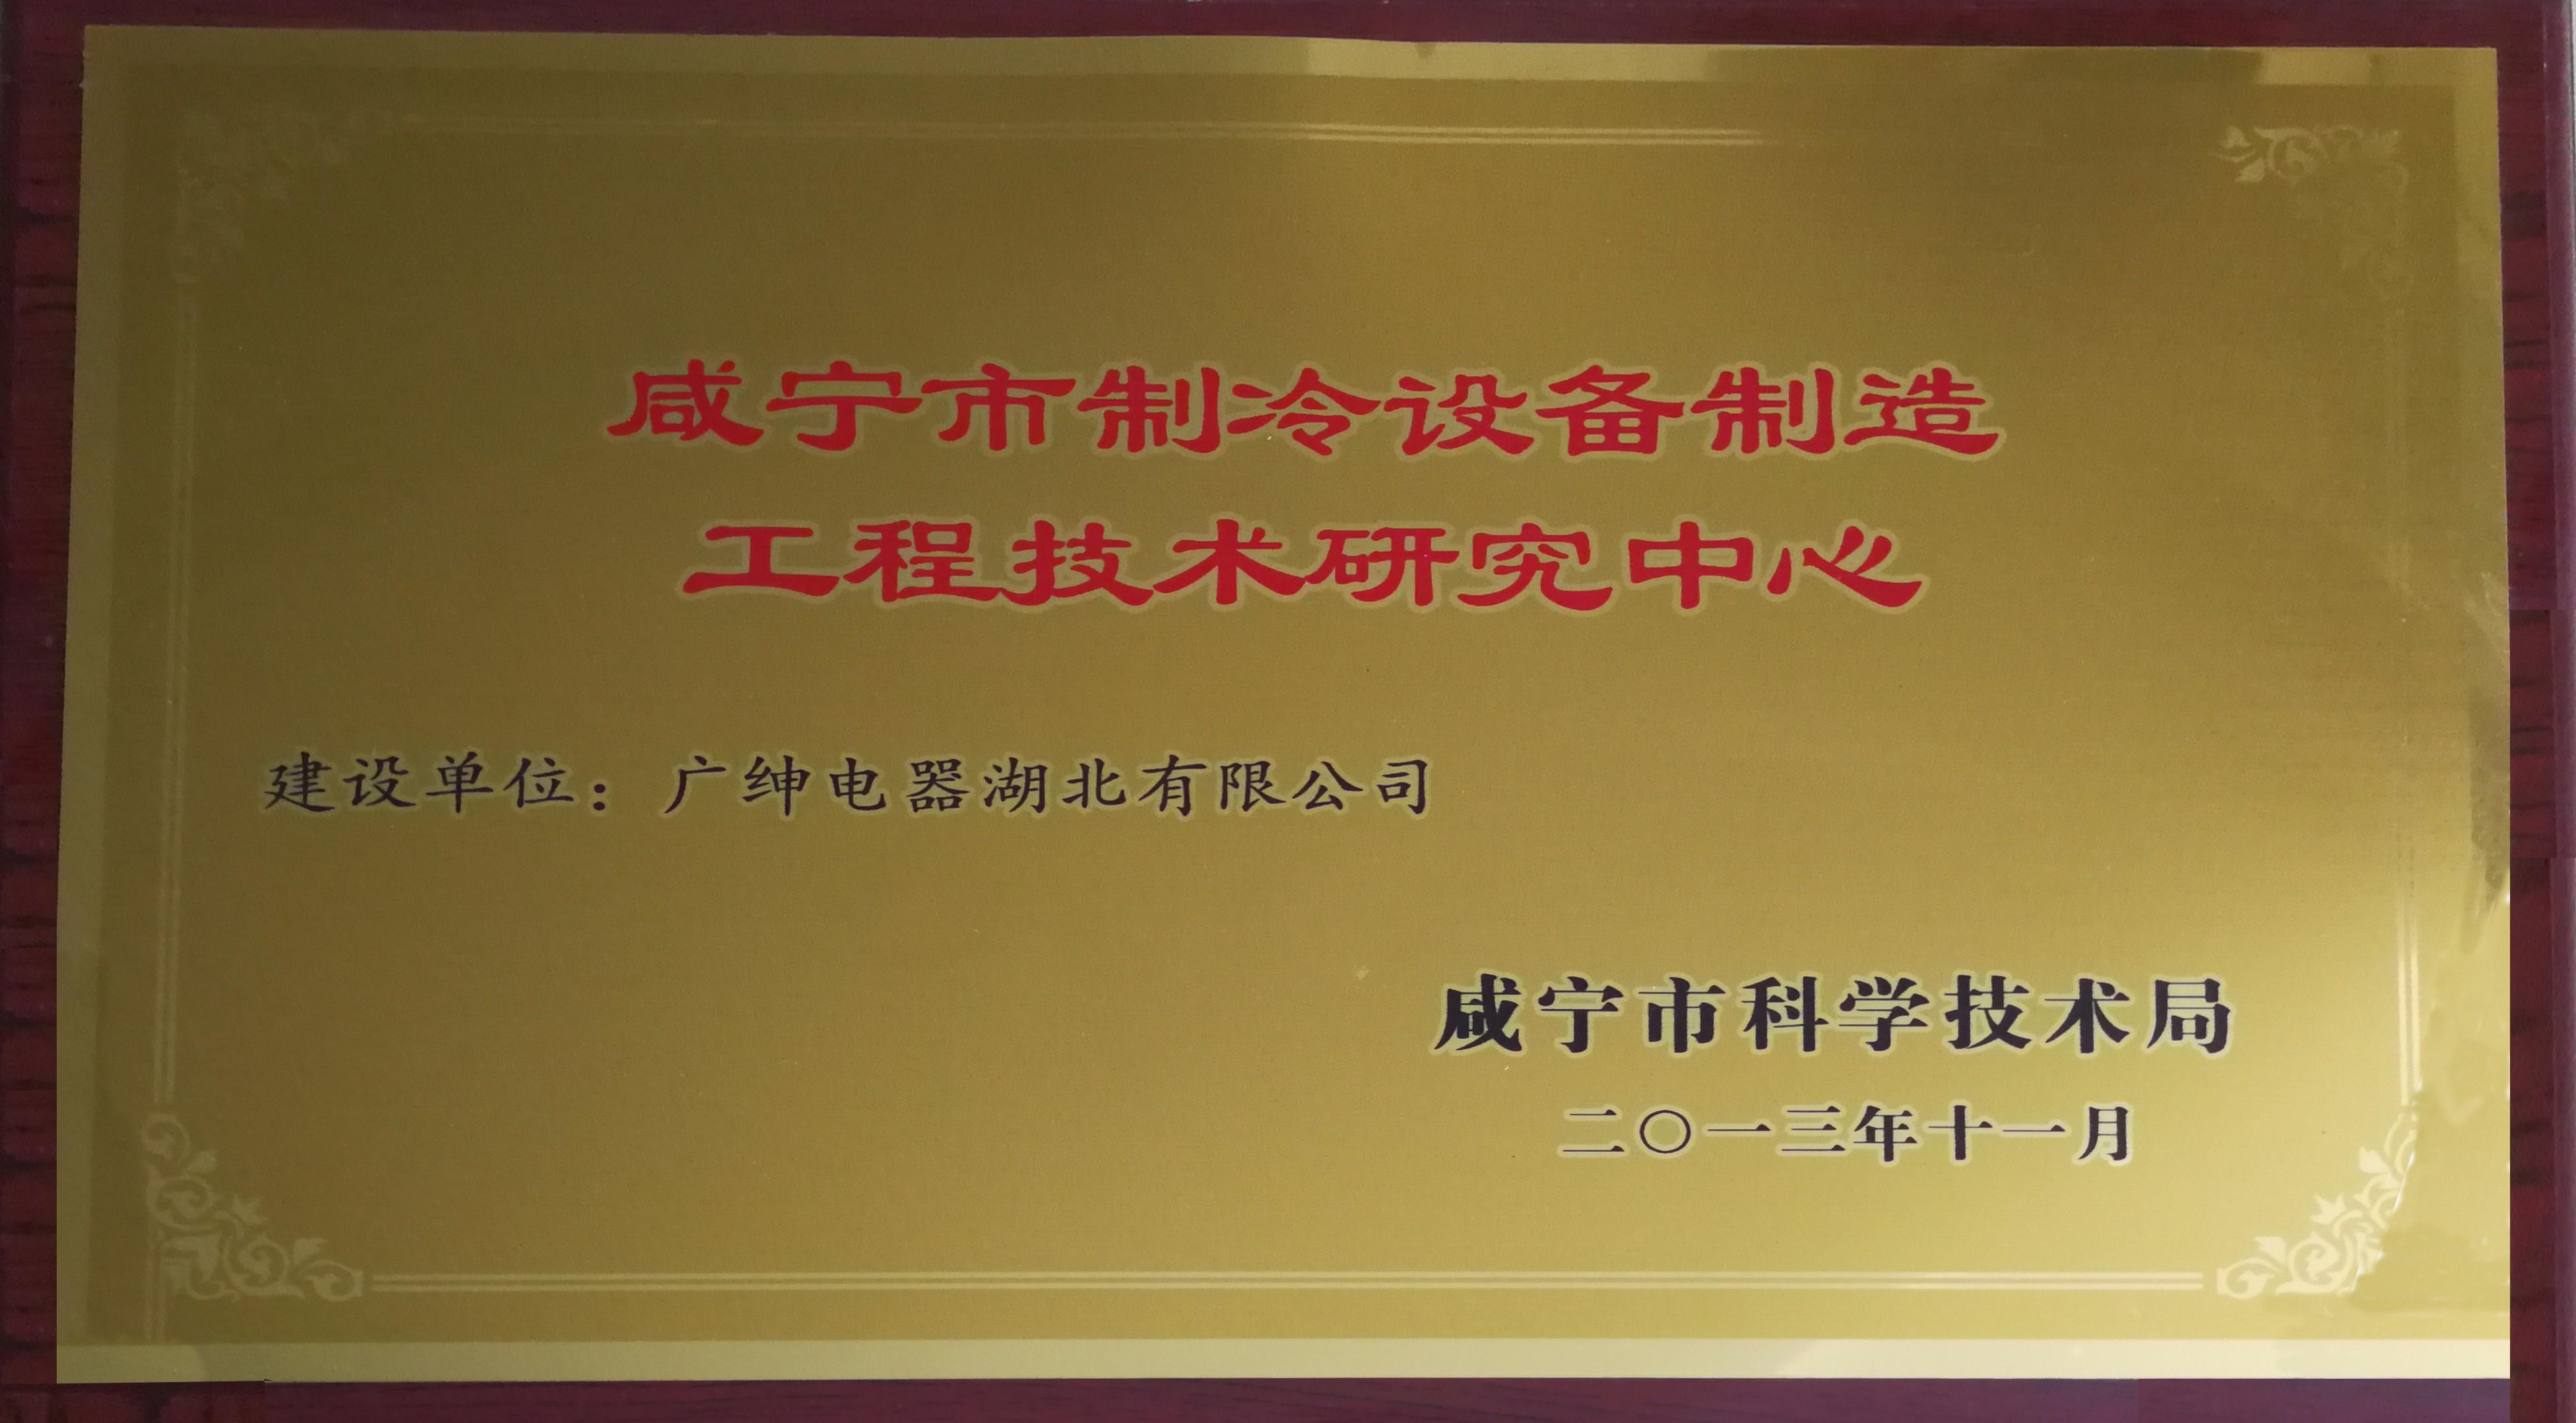 咸宁市制冷设备制造工程技术研究中心.jpg